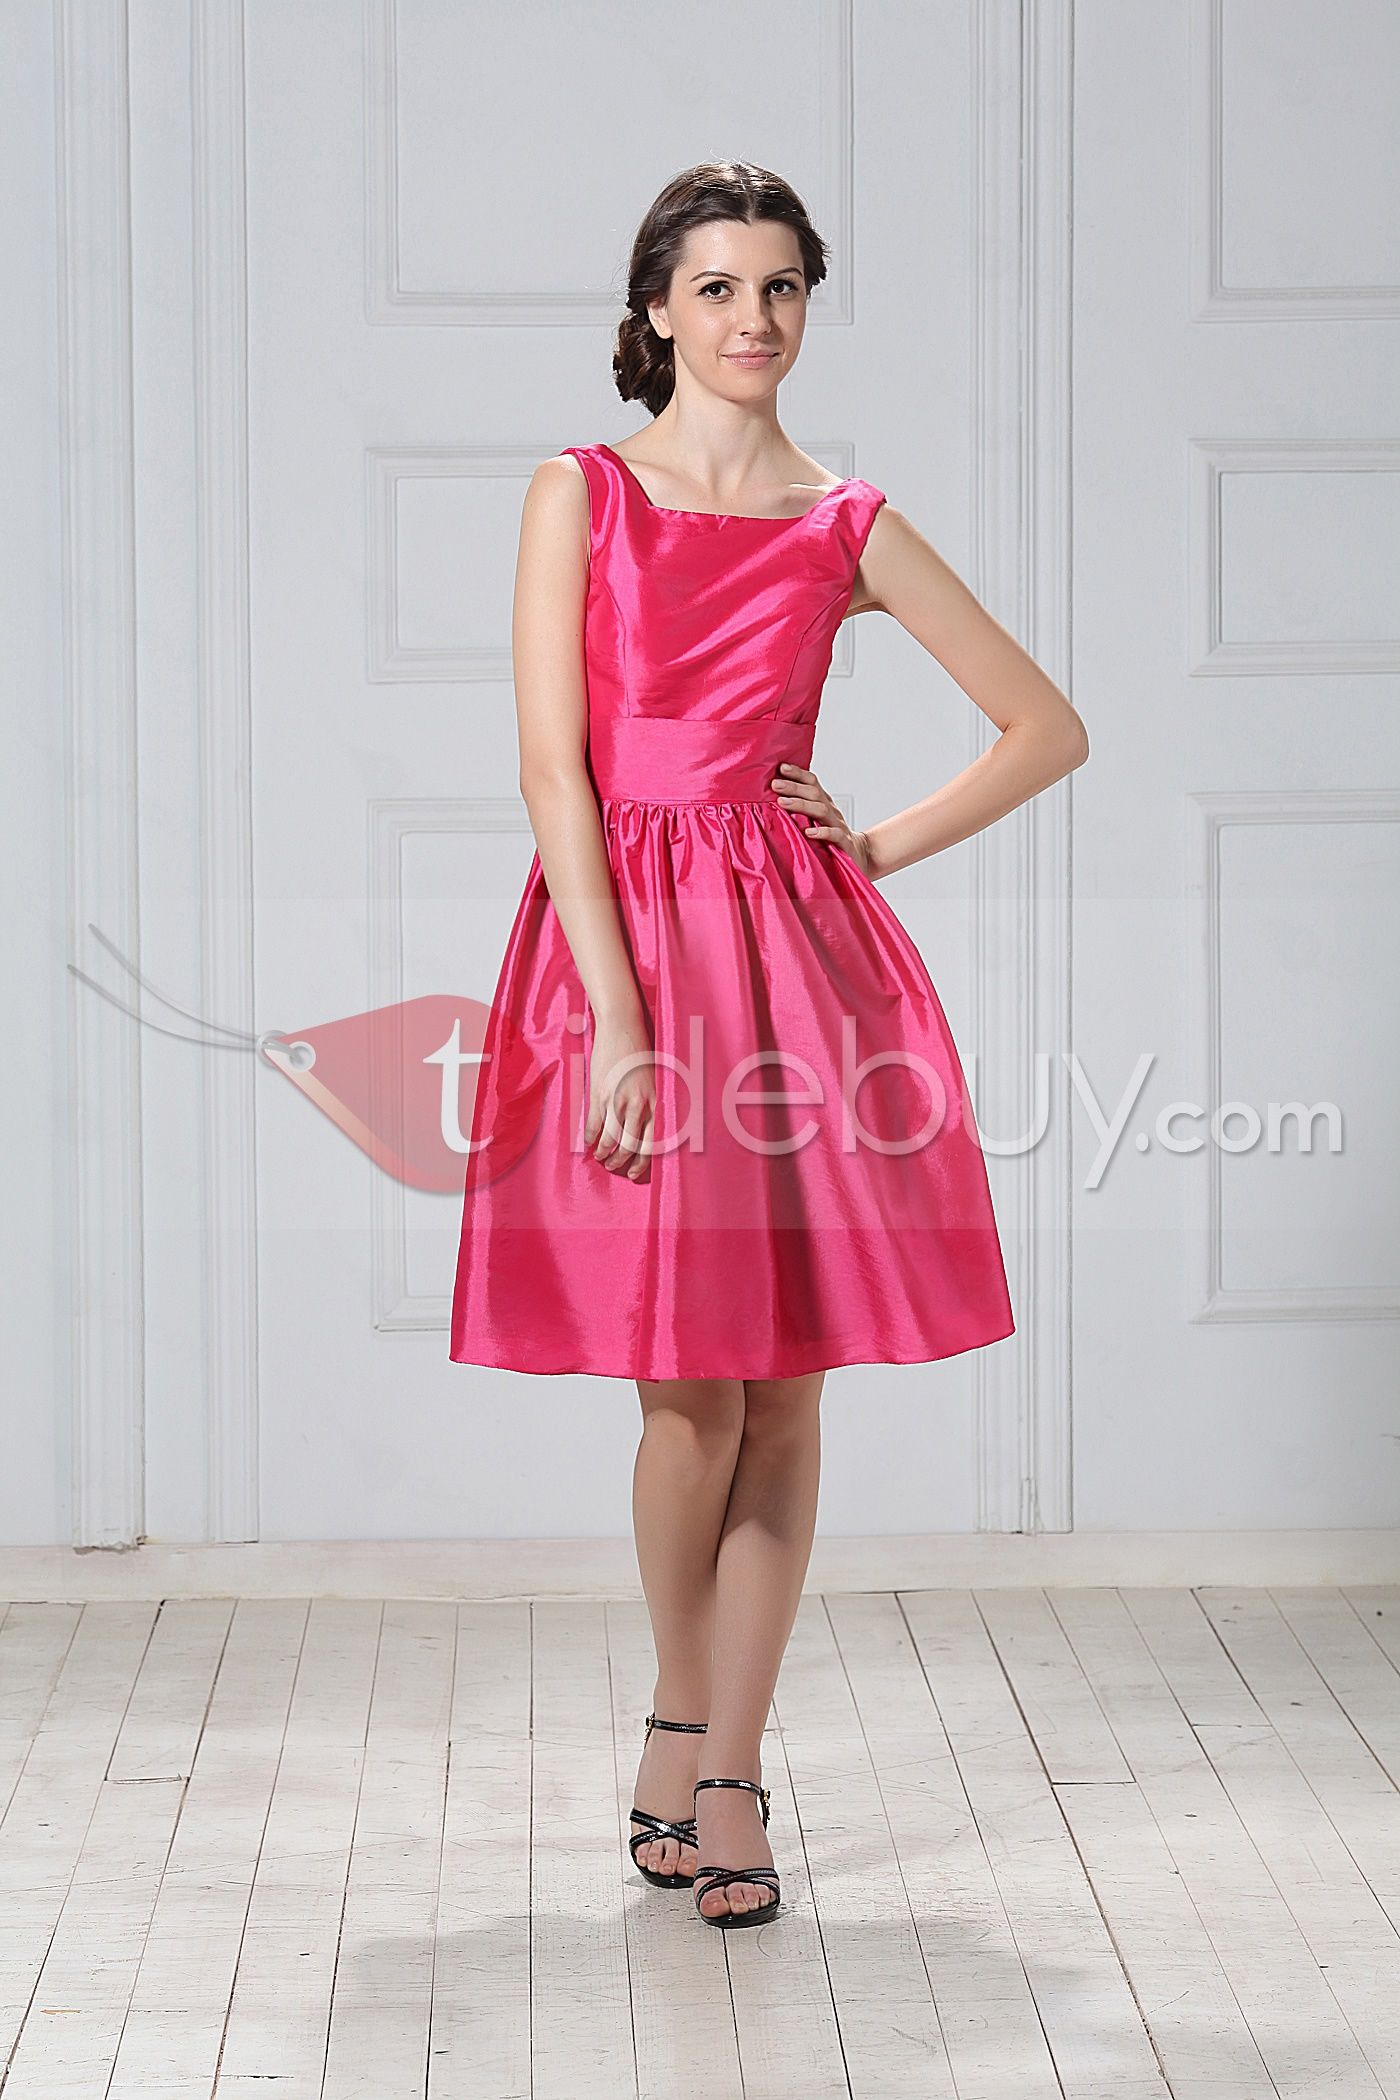 Encantador Dessy Vestidos De Dama De Londres Inspiración - Colección ...